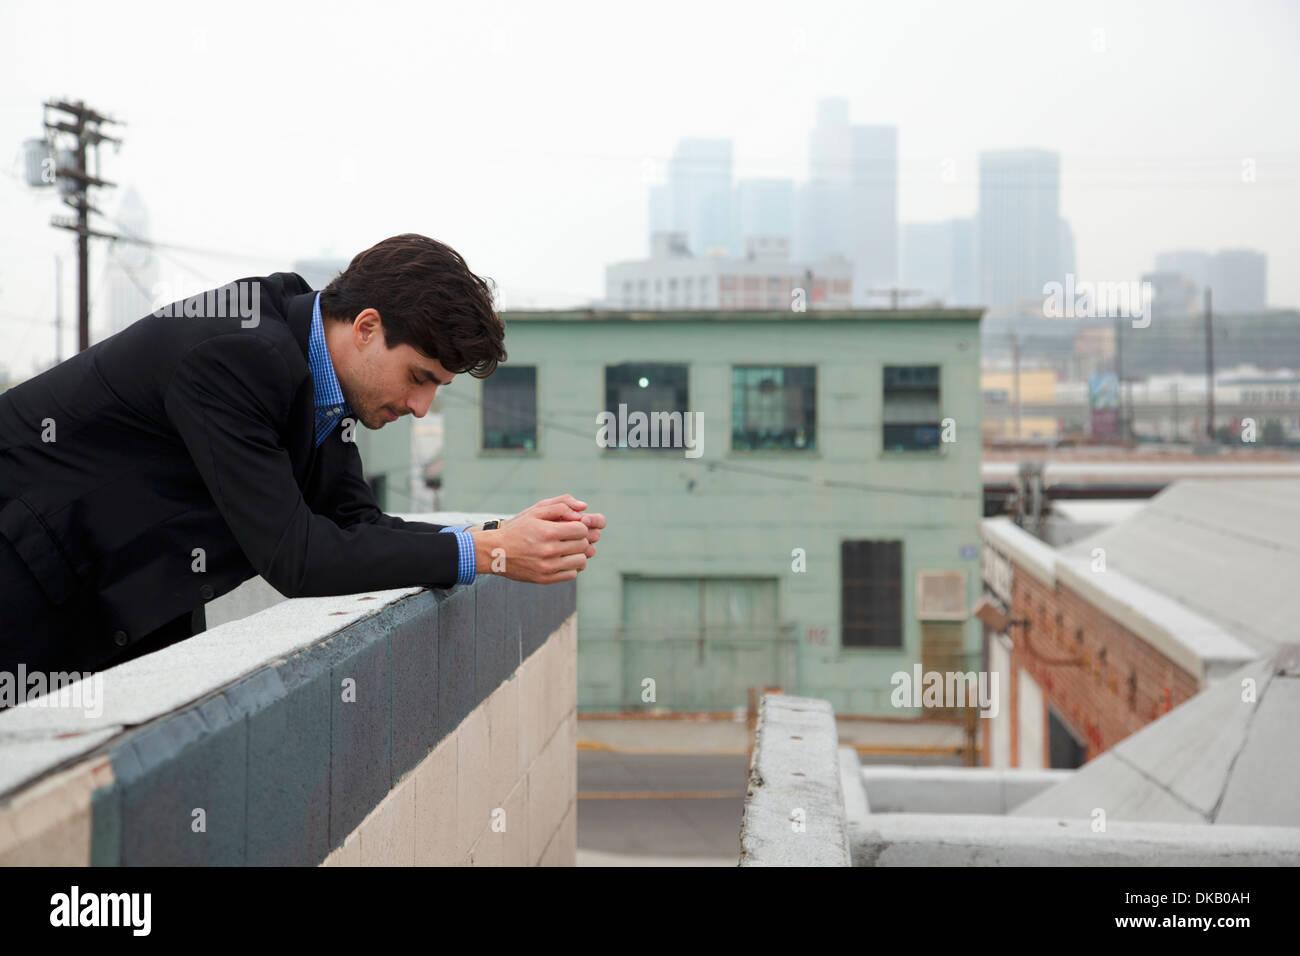 Malheureux Jeune homme regardant vers le bas sur le toit de la ville Photo Stock